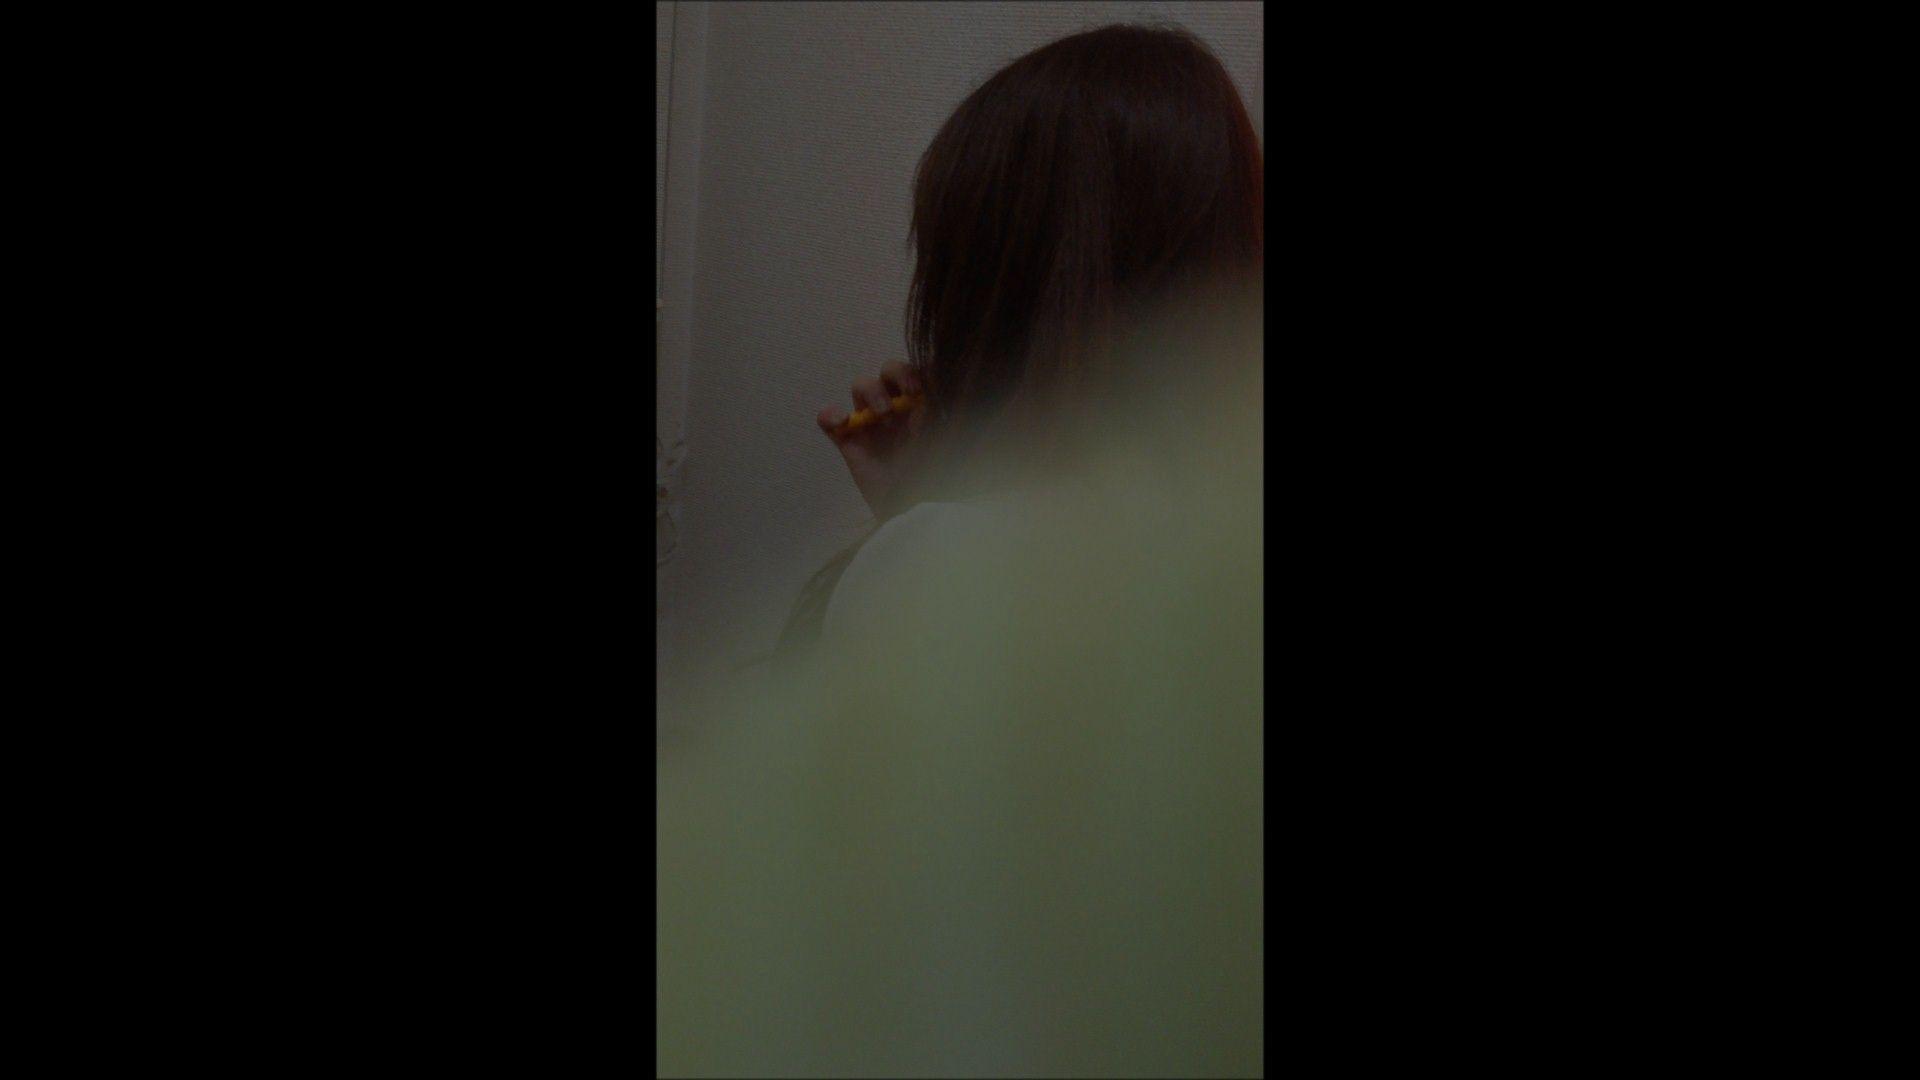 08(8日目)メイク中の彼女の顔を撮りました! マンコ特集 | オマンコ丸見え  59連発 14